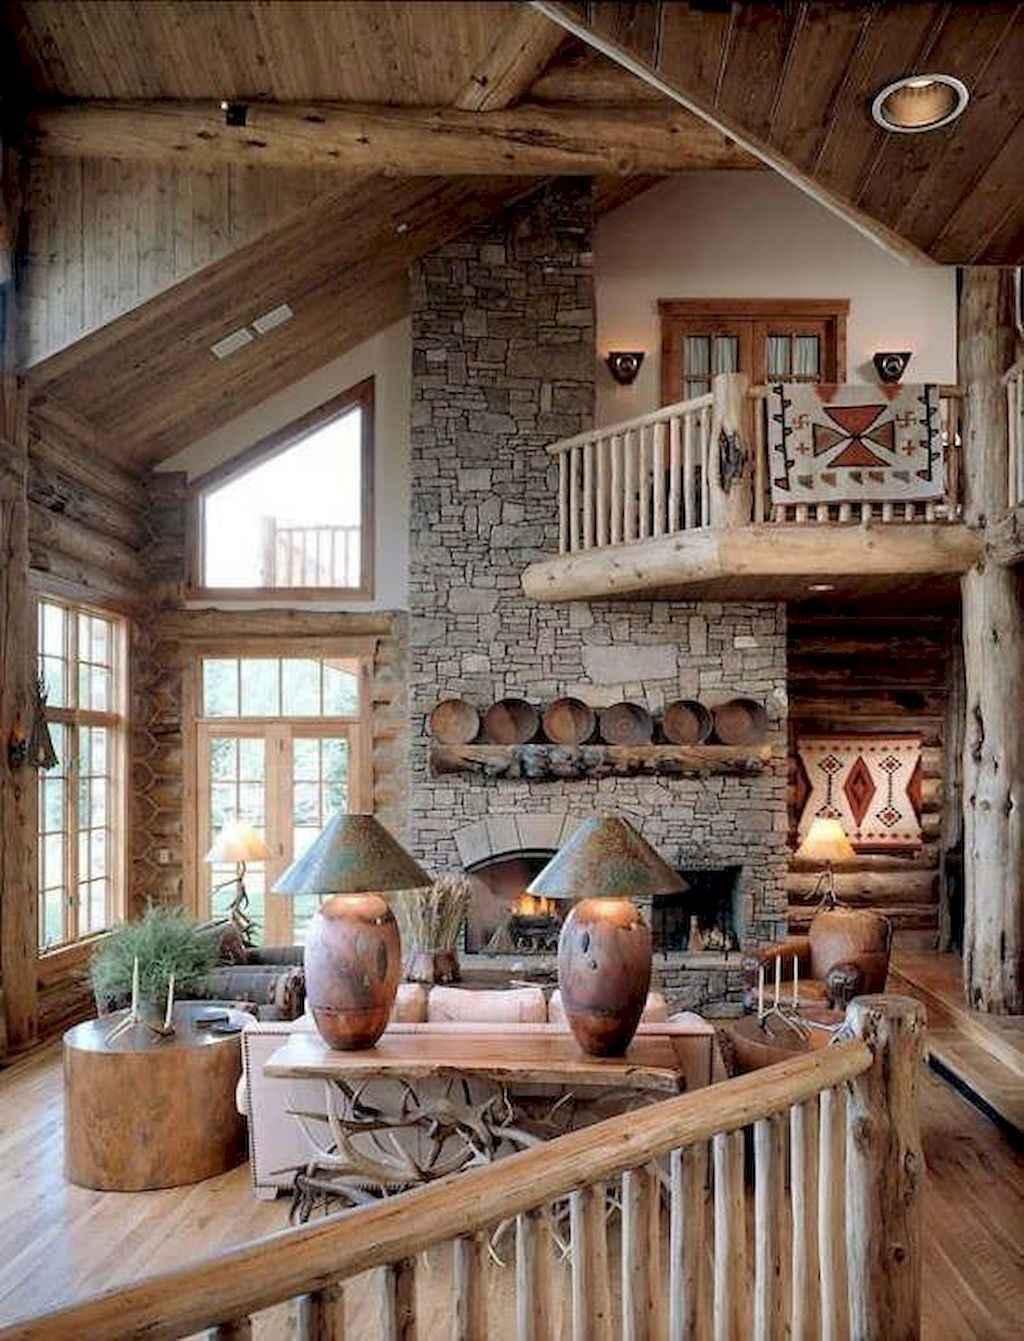 Modern Farmhouse Living Room: 85 Cozy Modern Farmhouse Living Room Decor Ideas